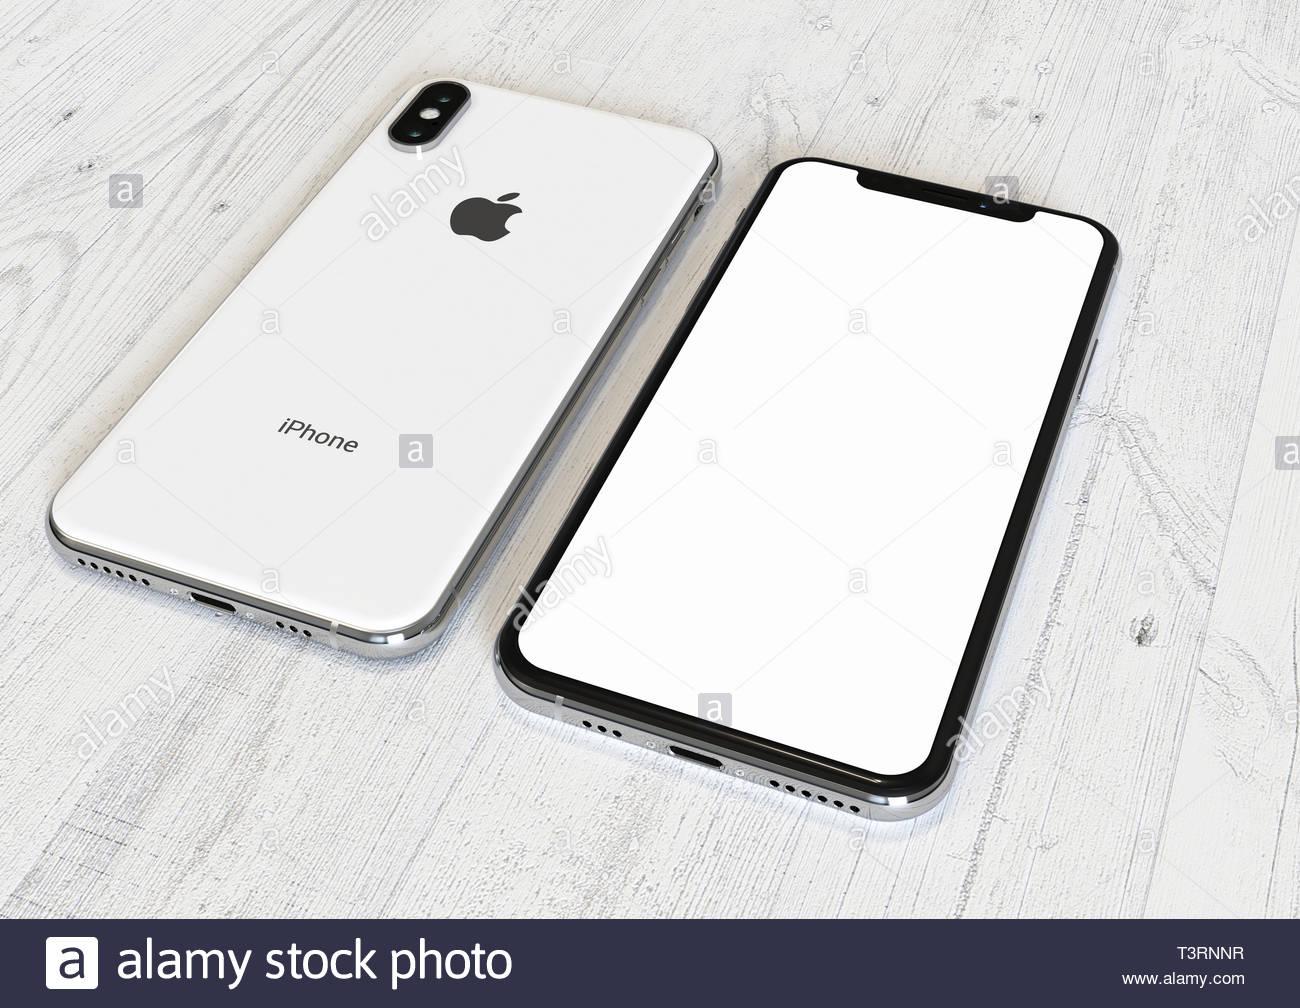 Bucarest Romania Aprile 2019 Apple Iphone Xs Silver Smartphone